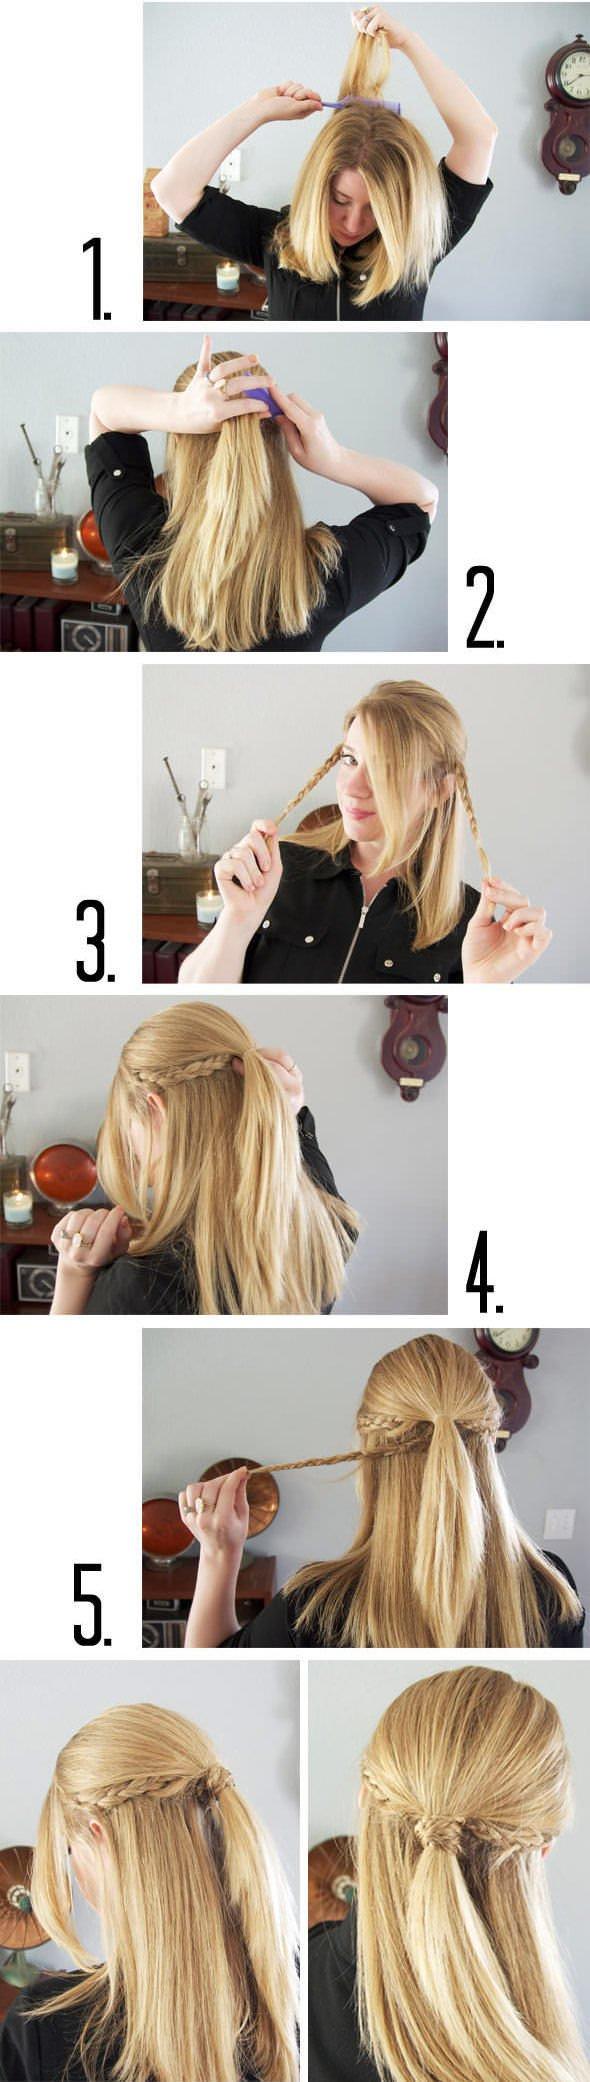 Прическа небрежный пучок из волос 78